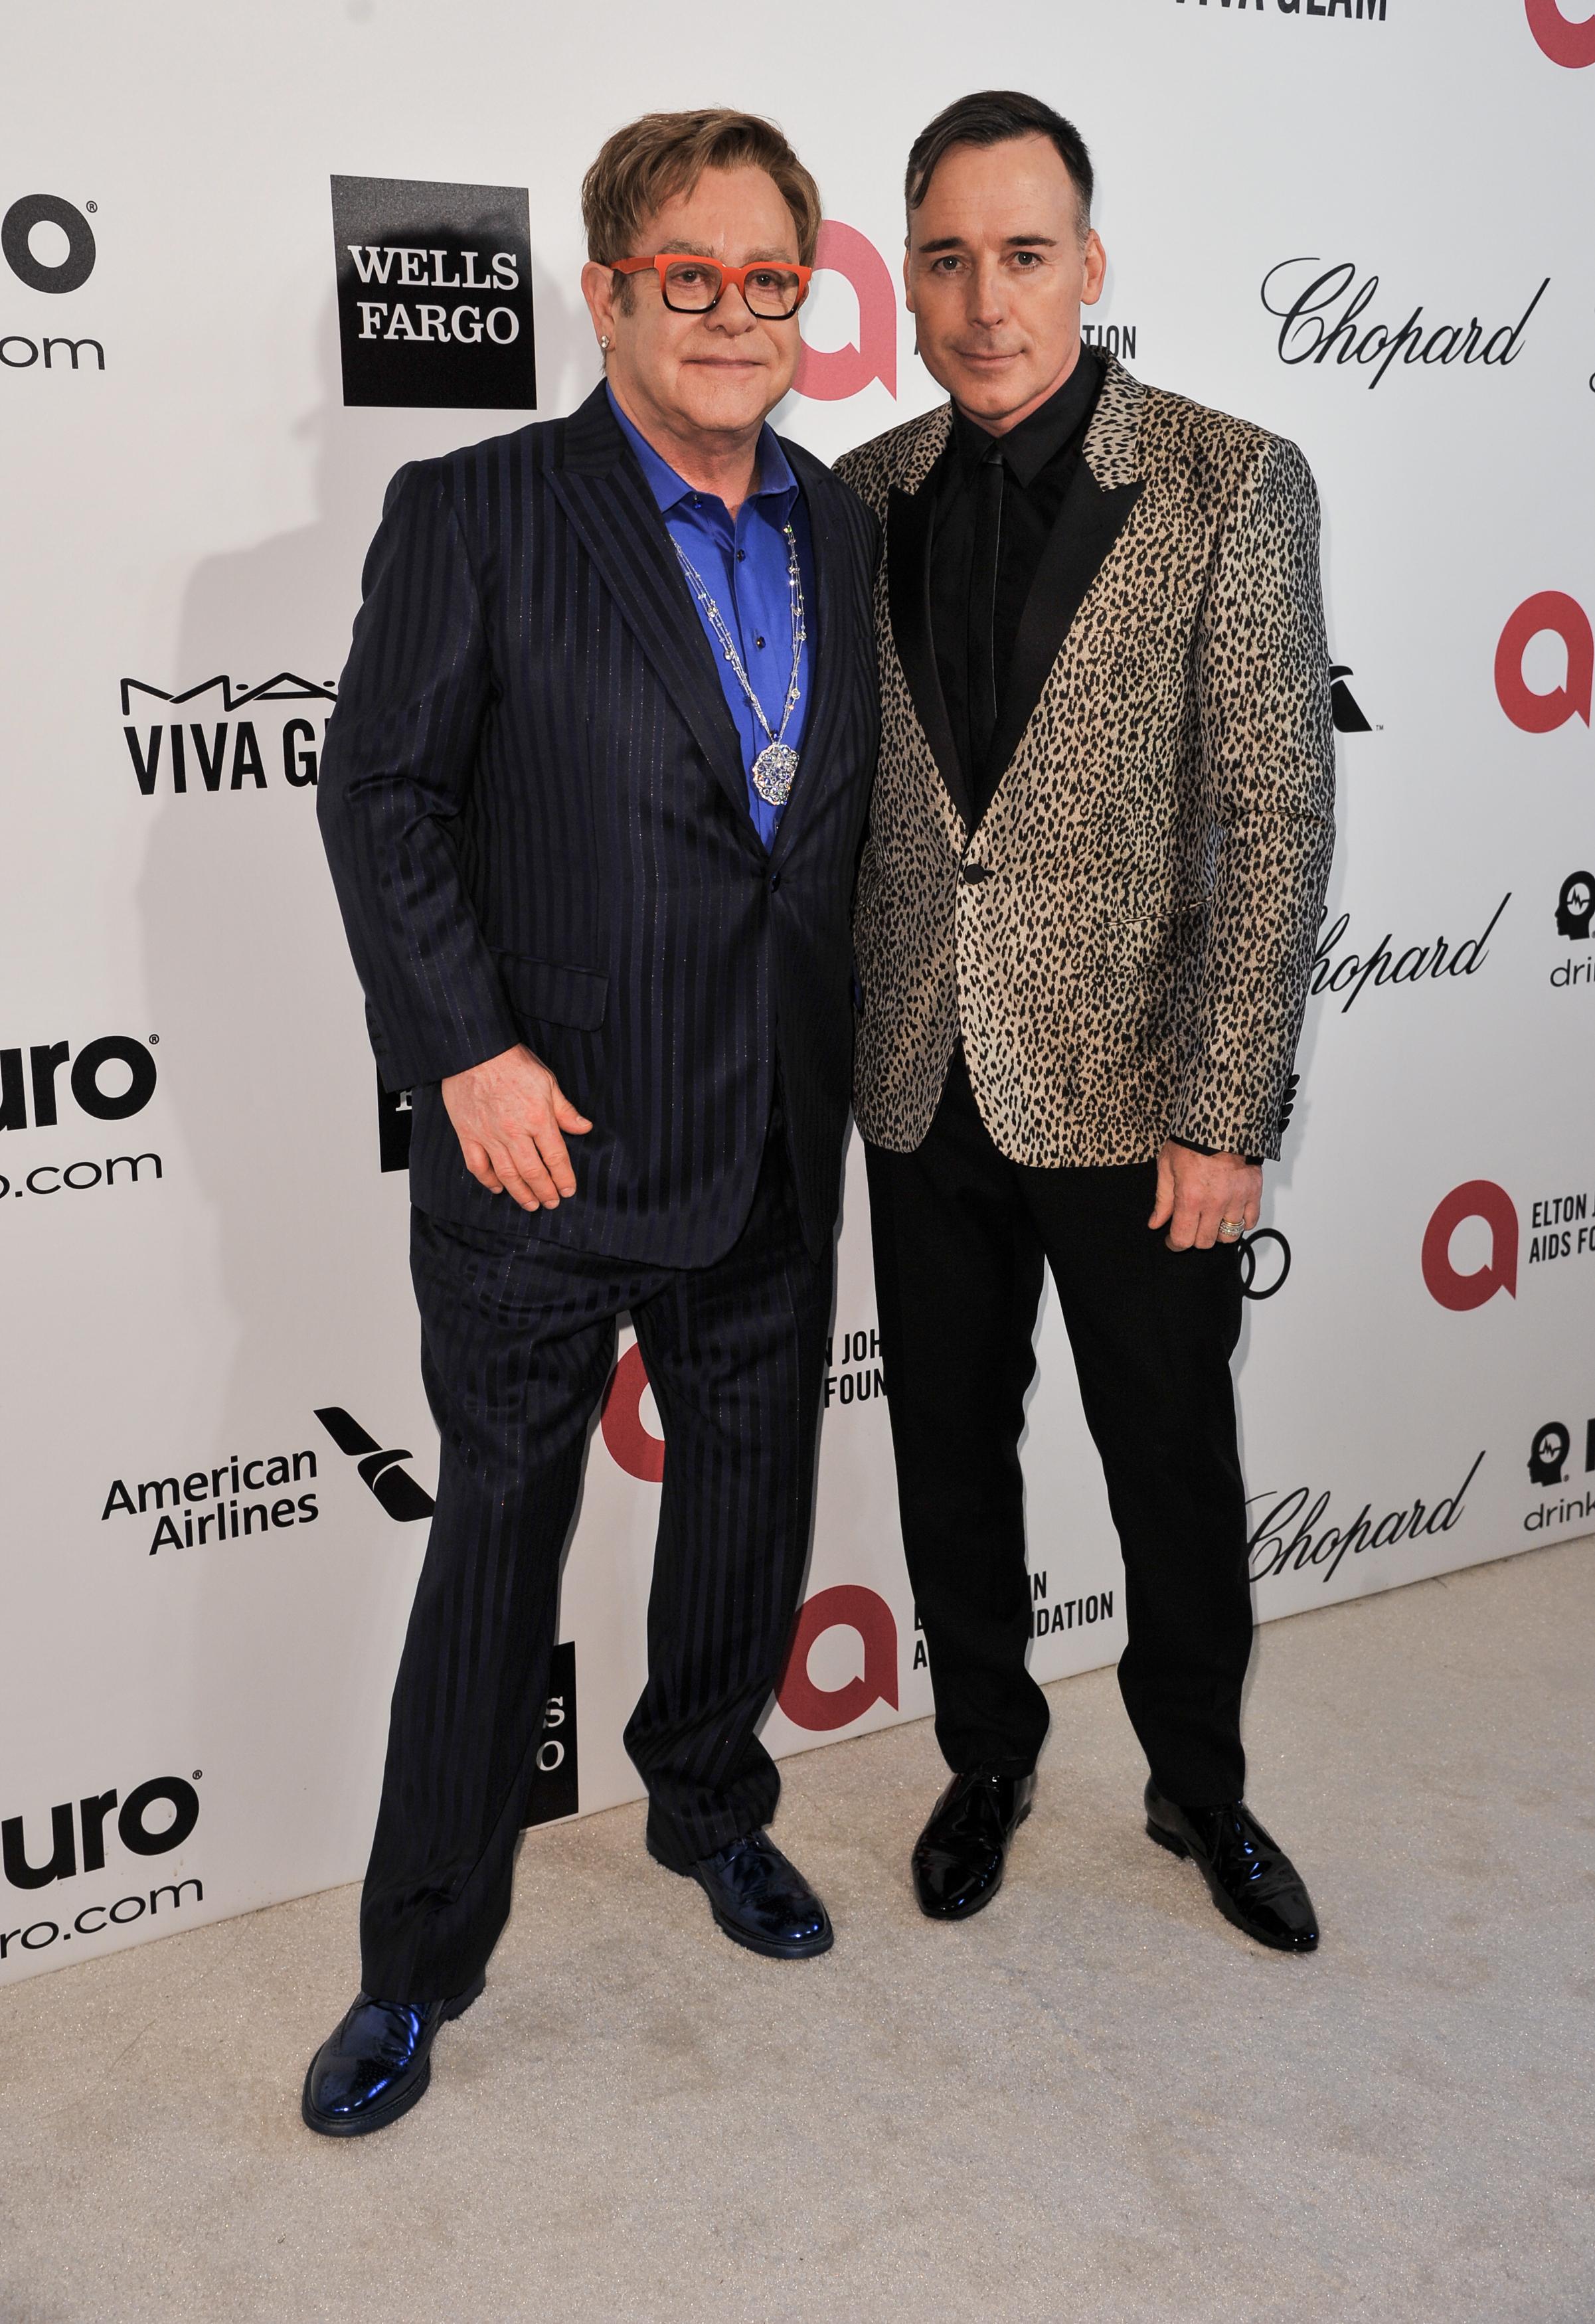 Elton John David Furnish Oscars party